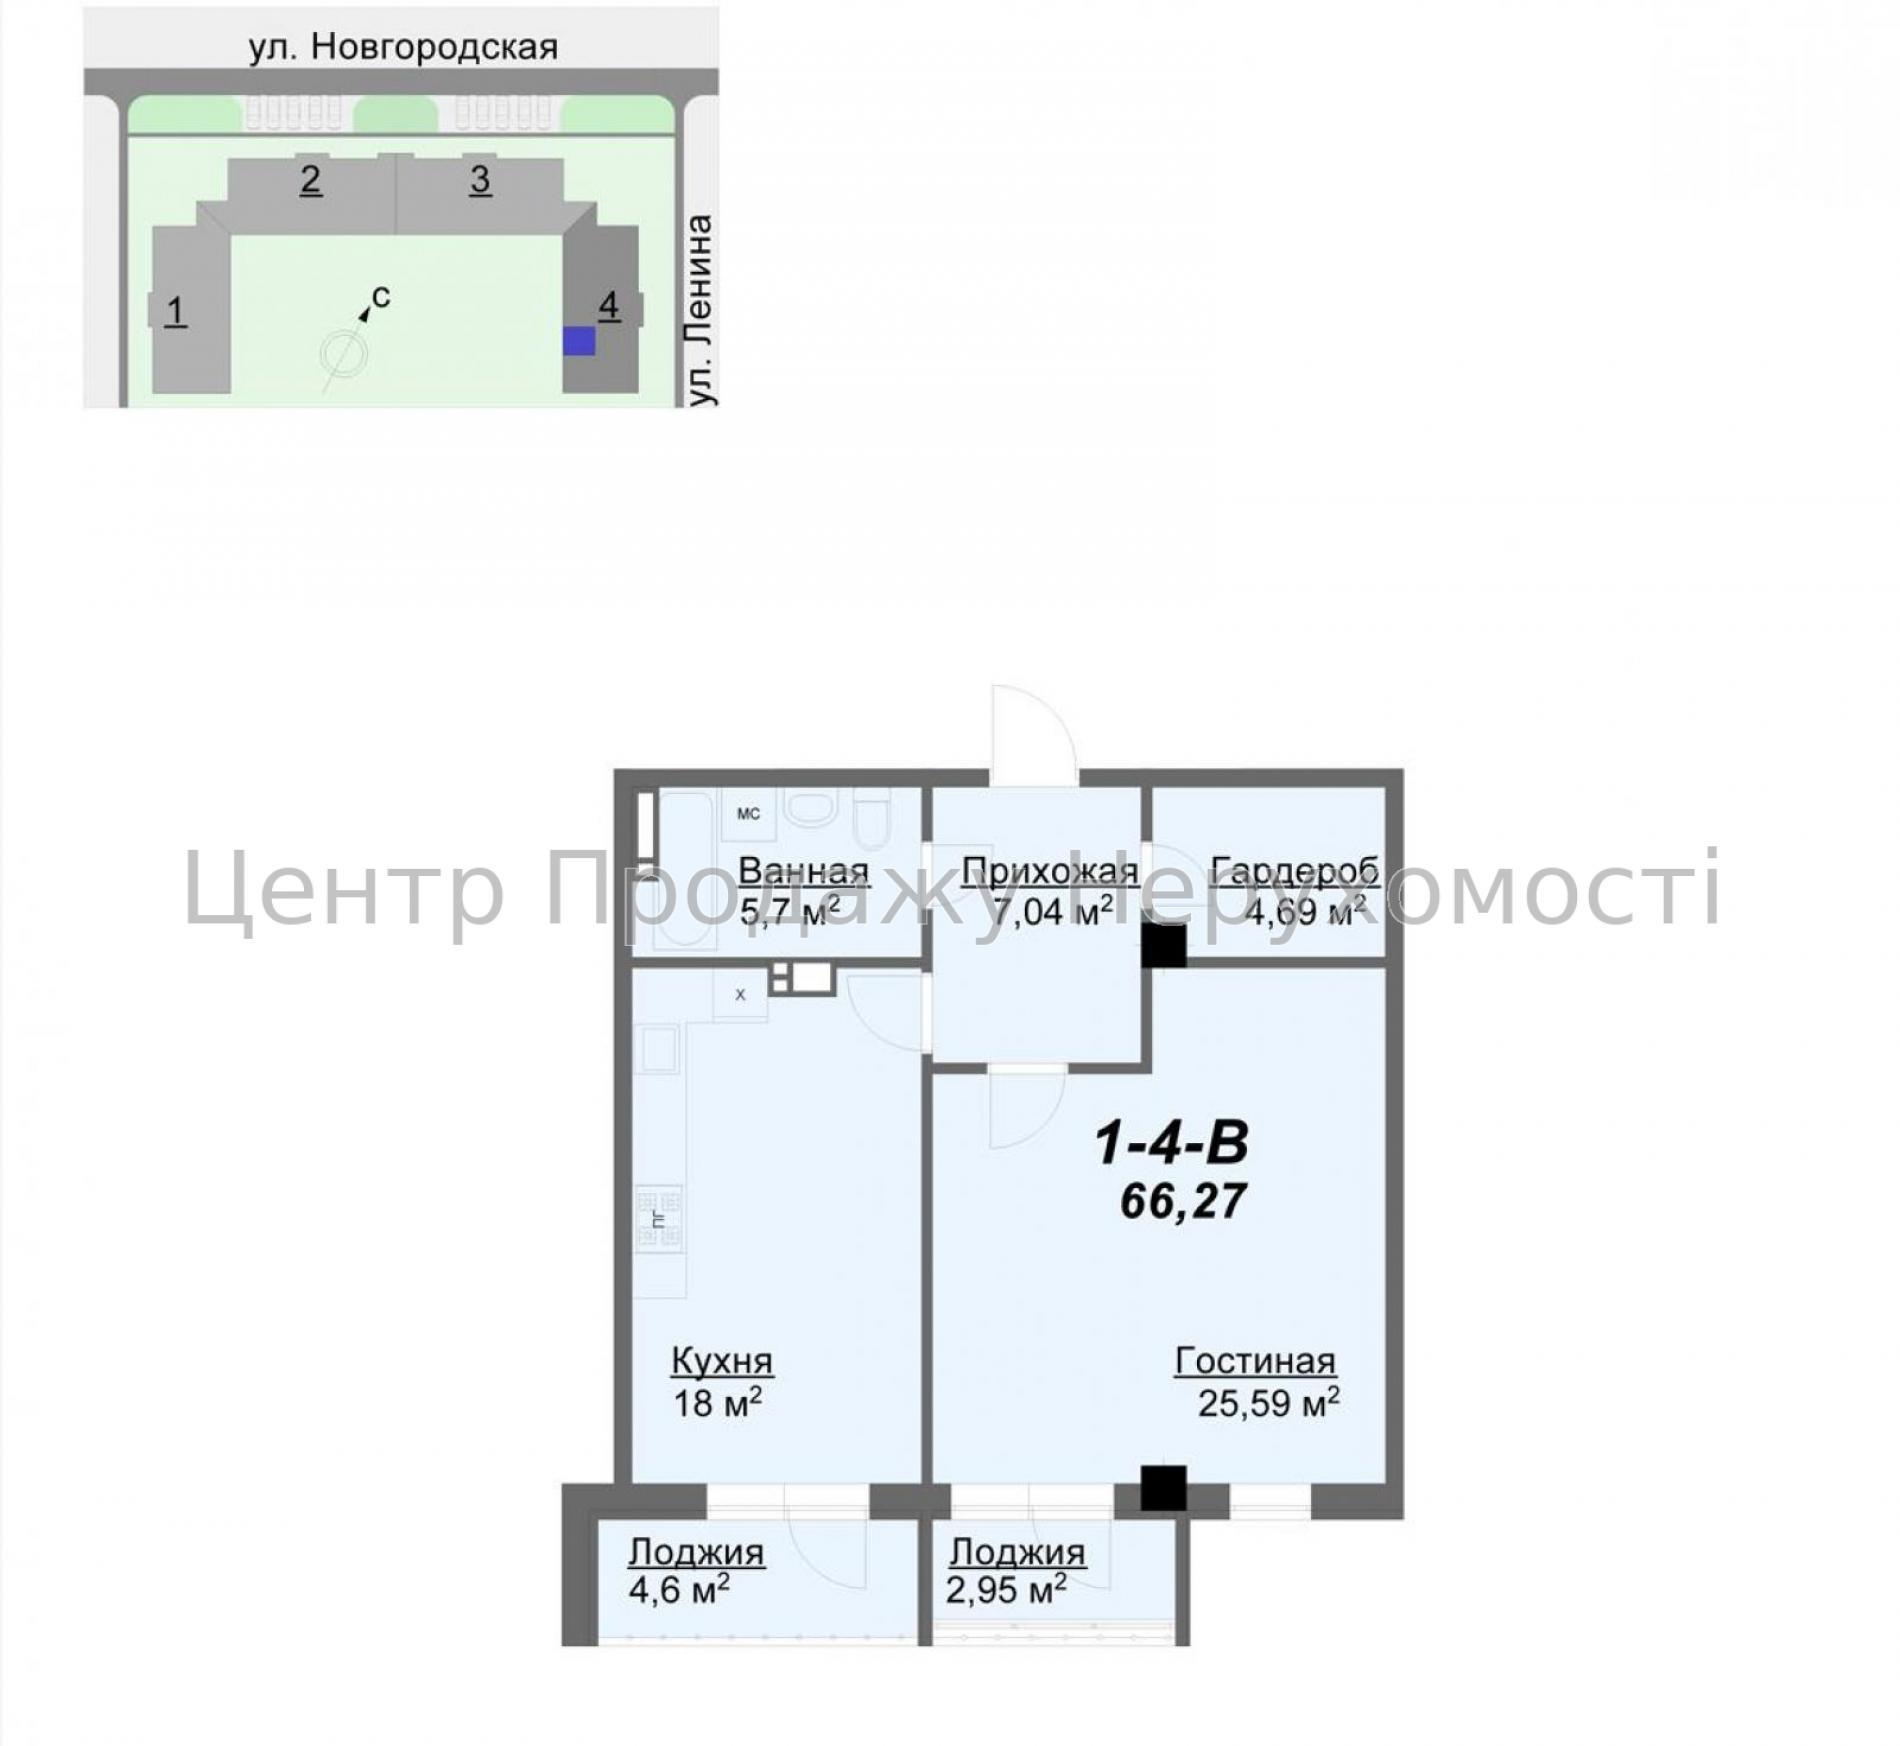 Продам квартиру Харьков, Новгородская ул. 2